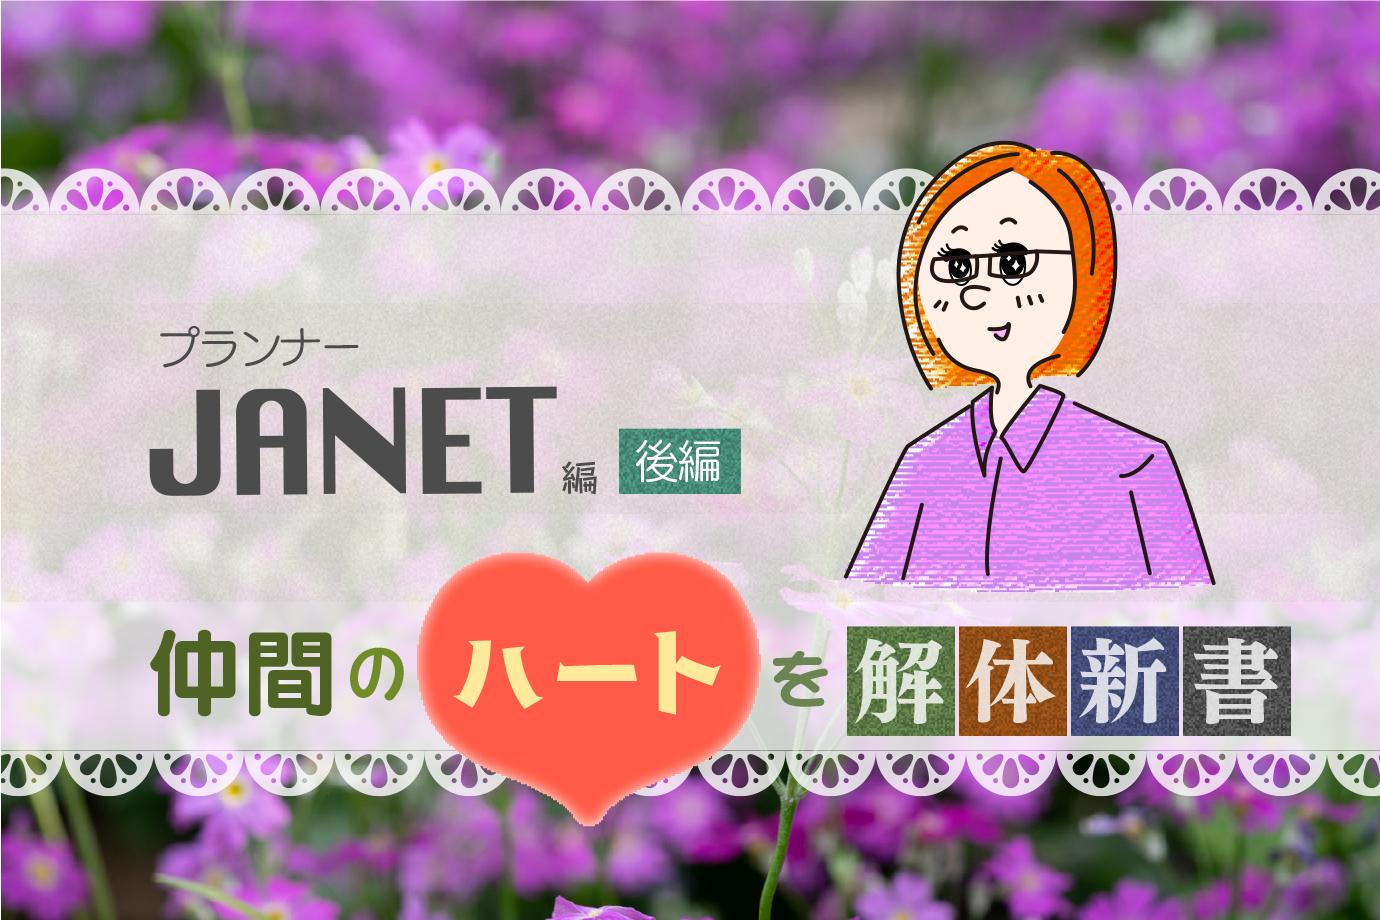 仲間のハートを解体新書 『プランナー JANET 編』後編